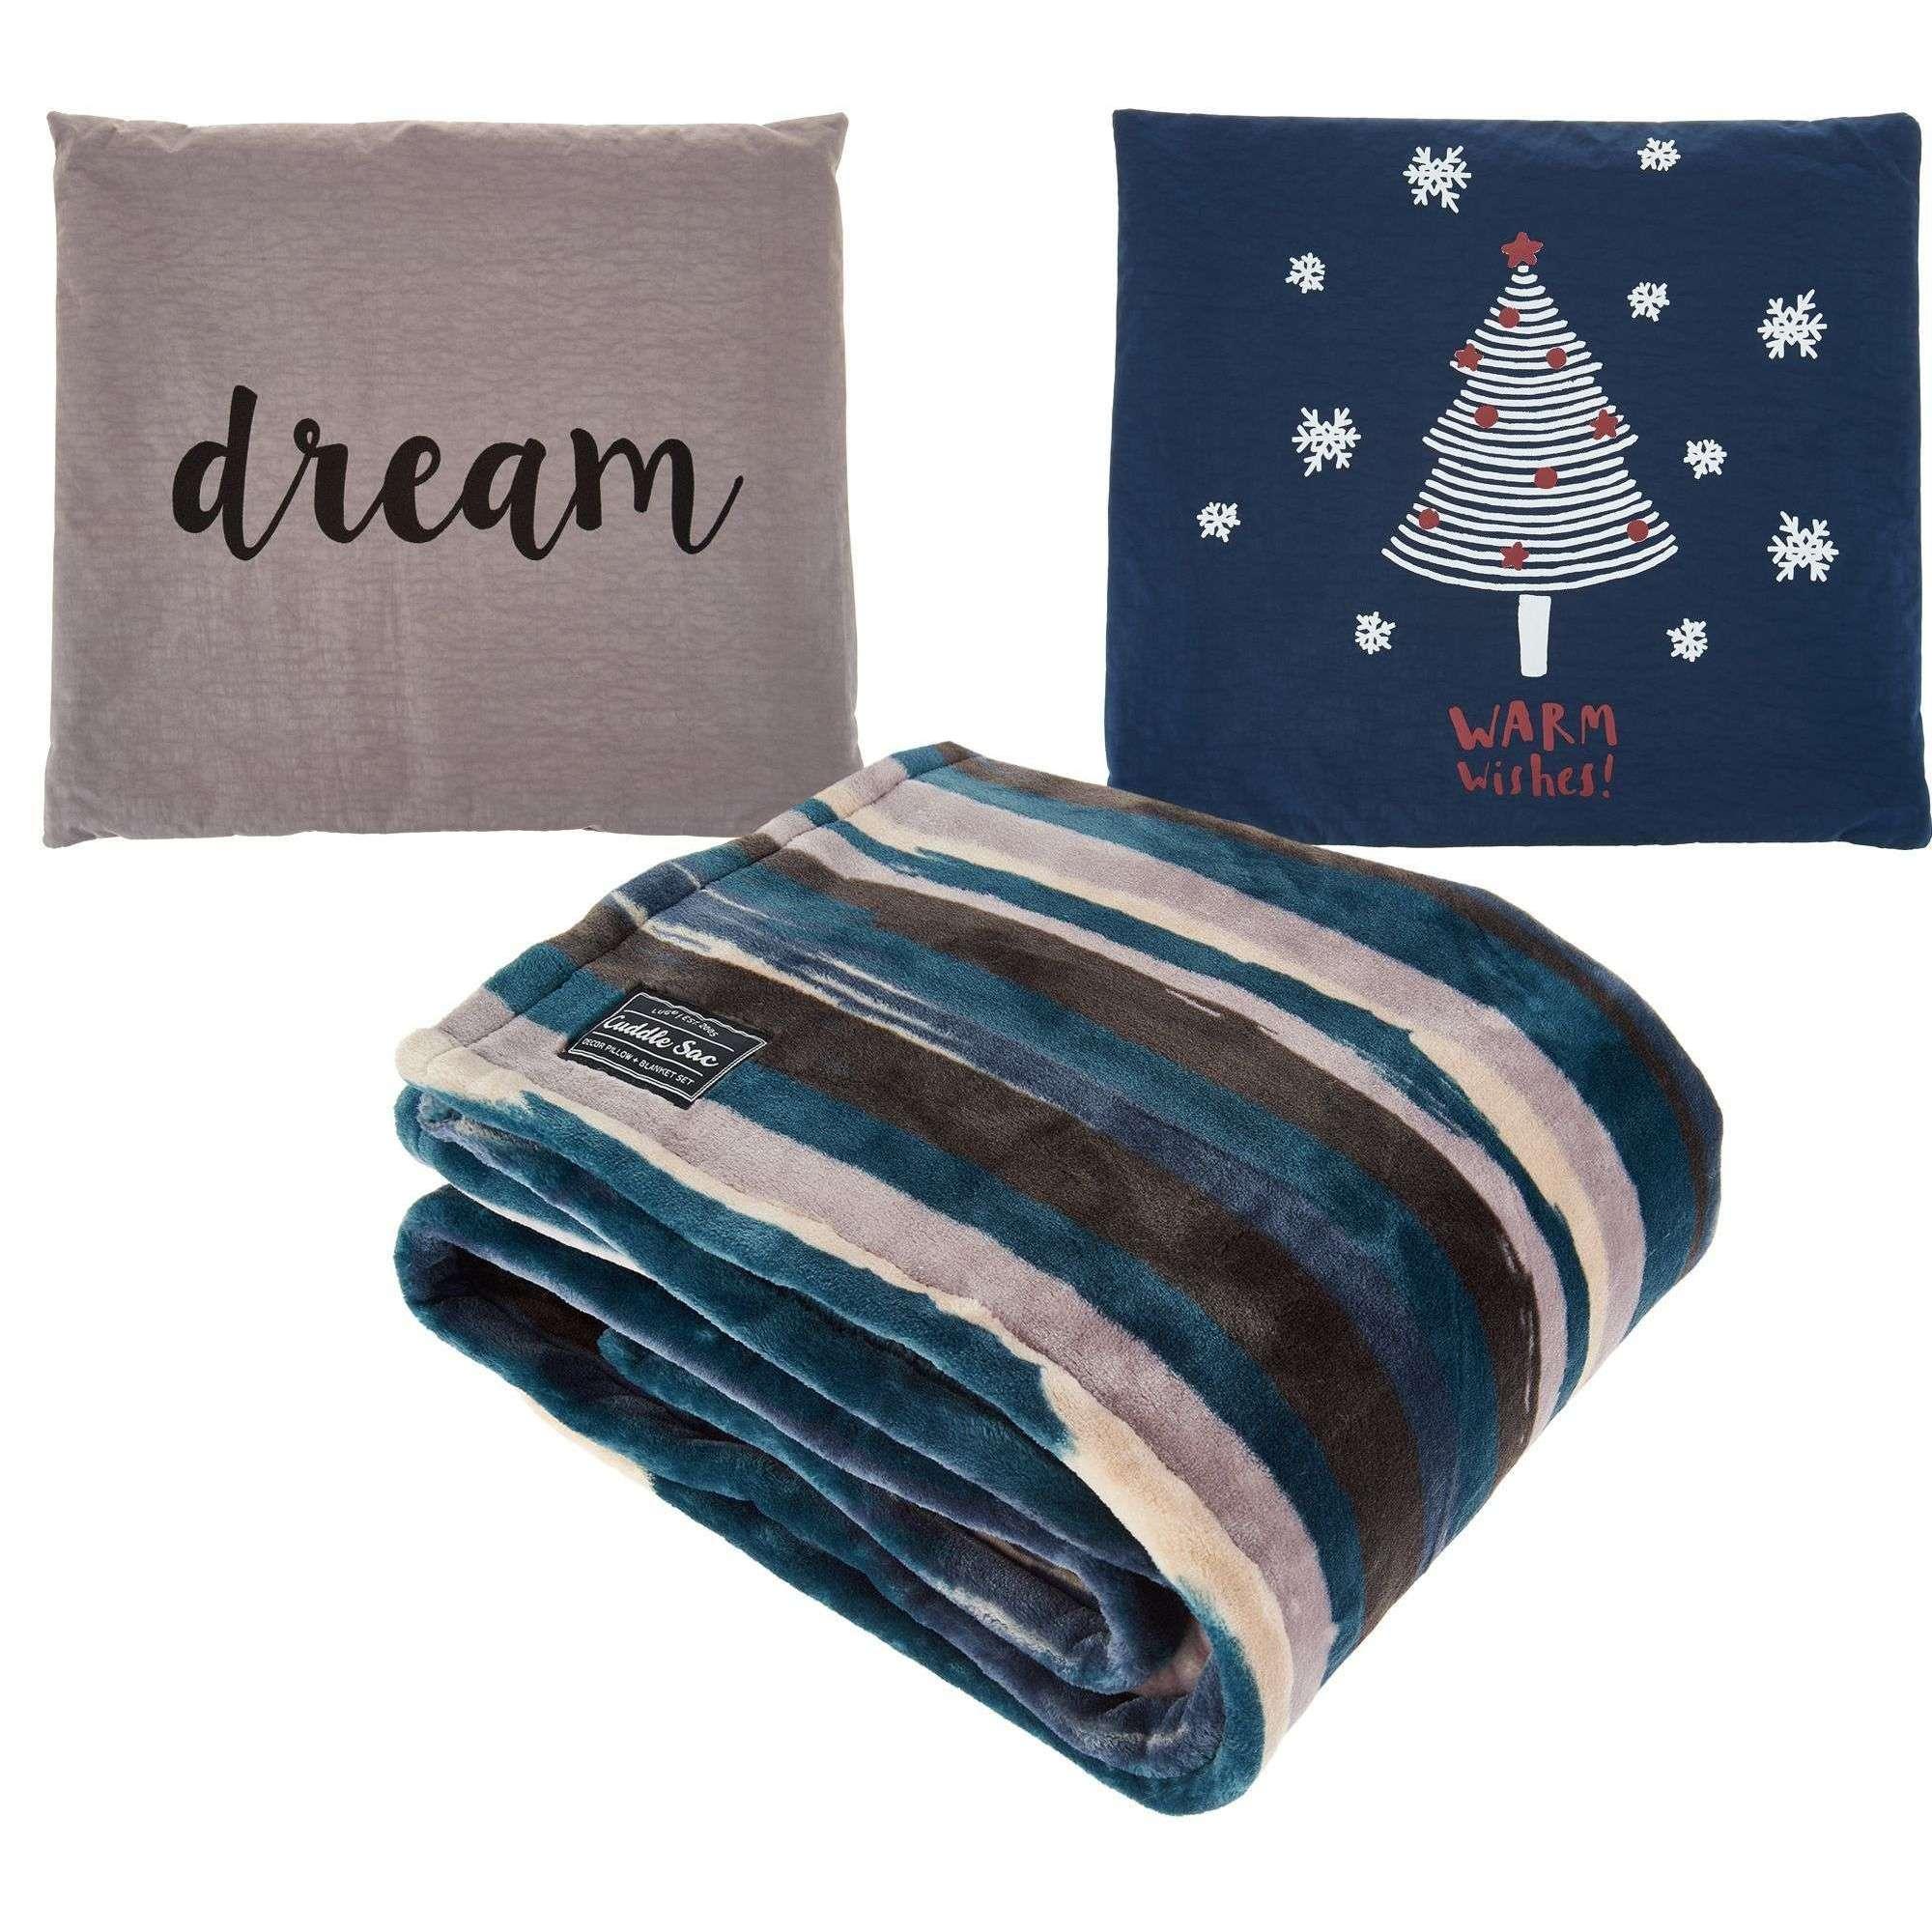 lug cuddle sac pearl dream throw pillow set